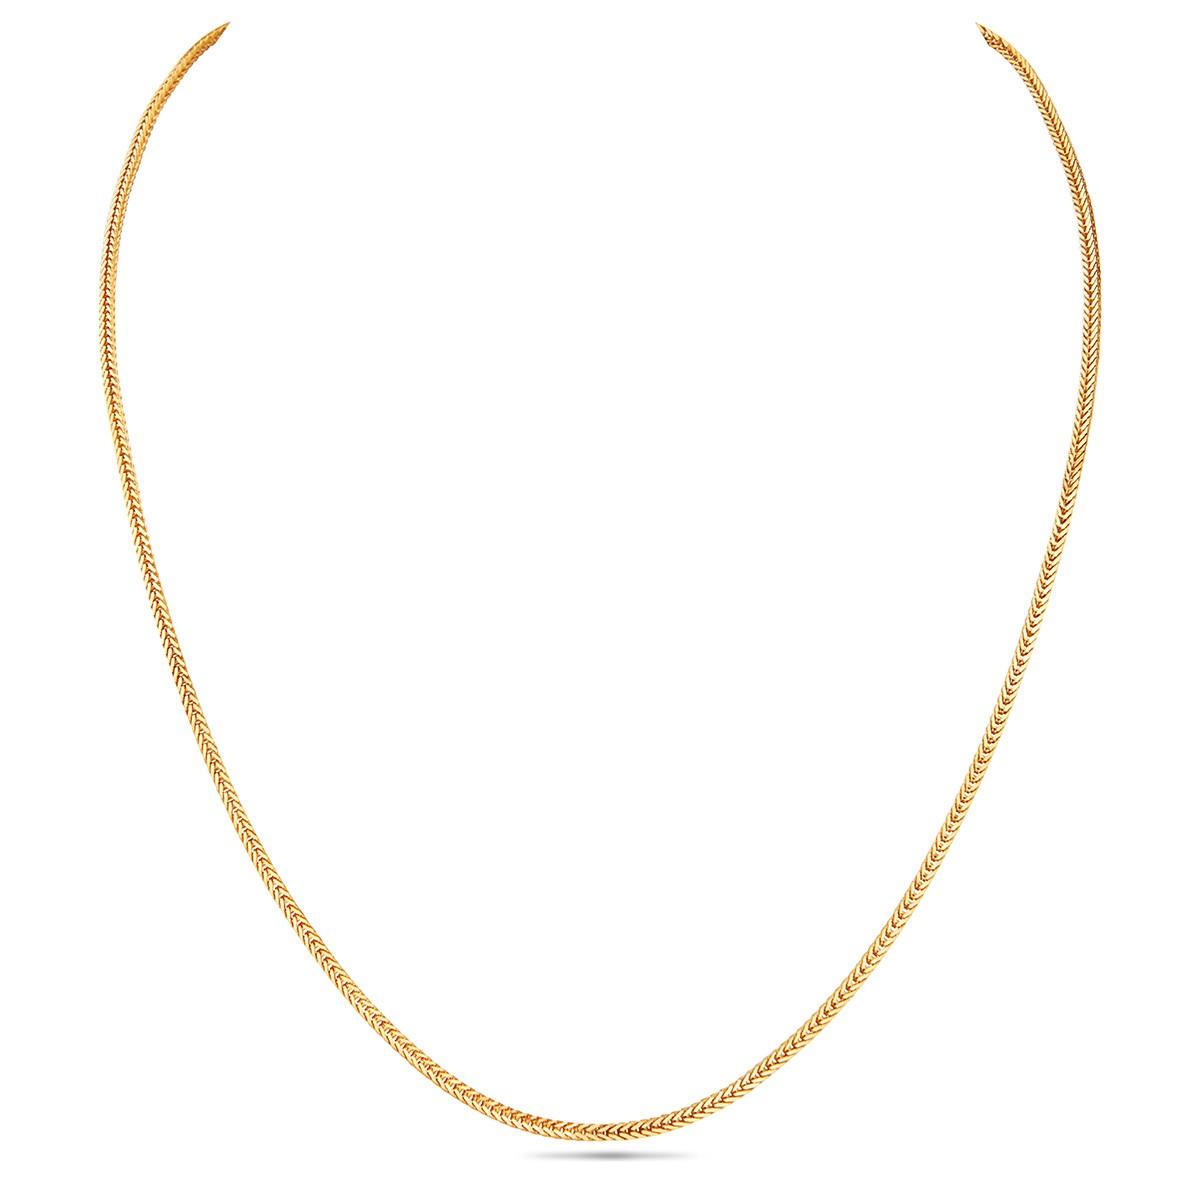 V Texture Gold Chain